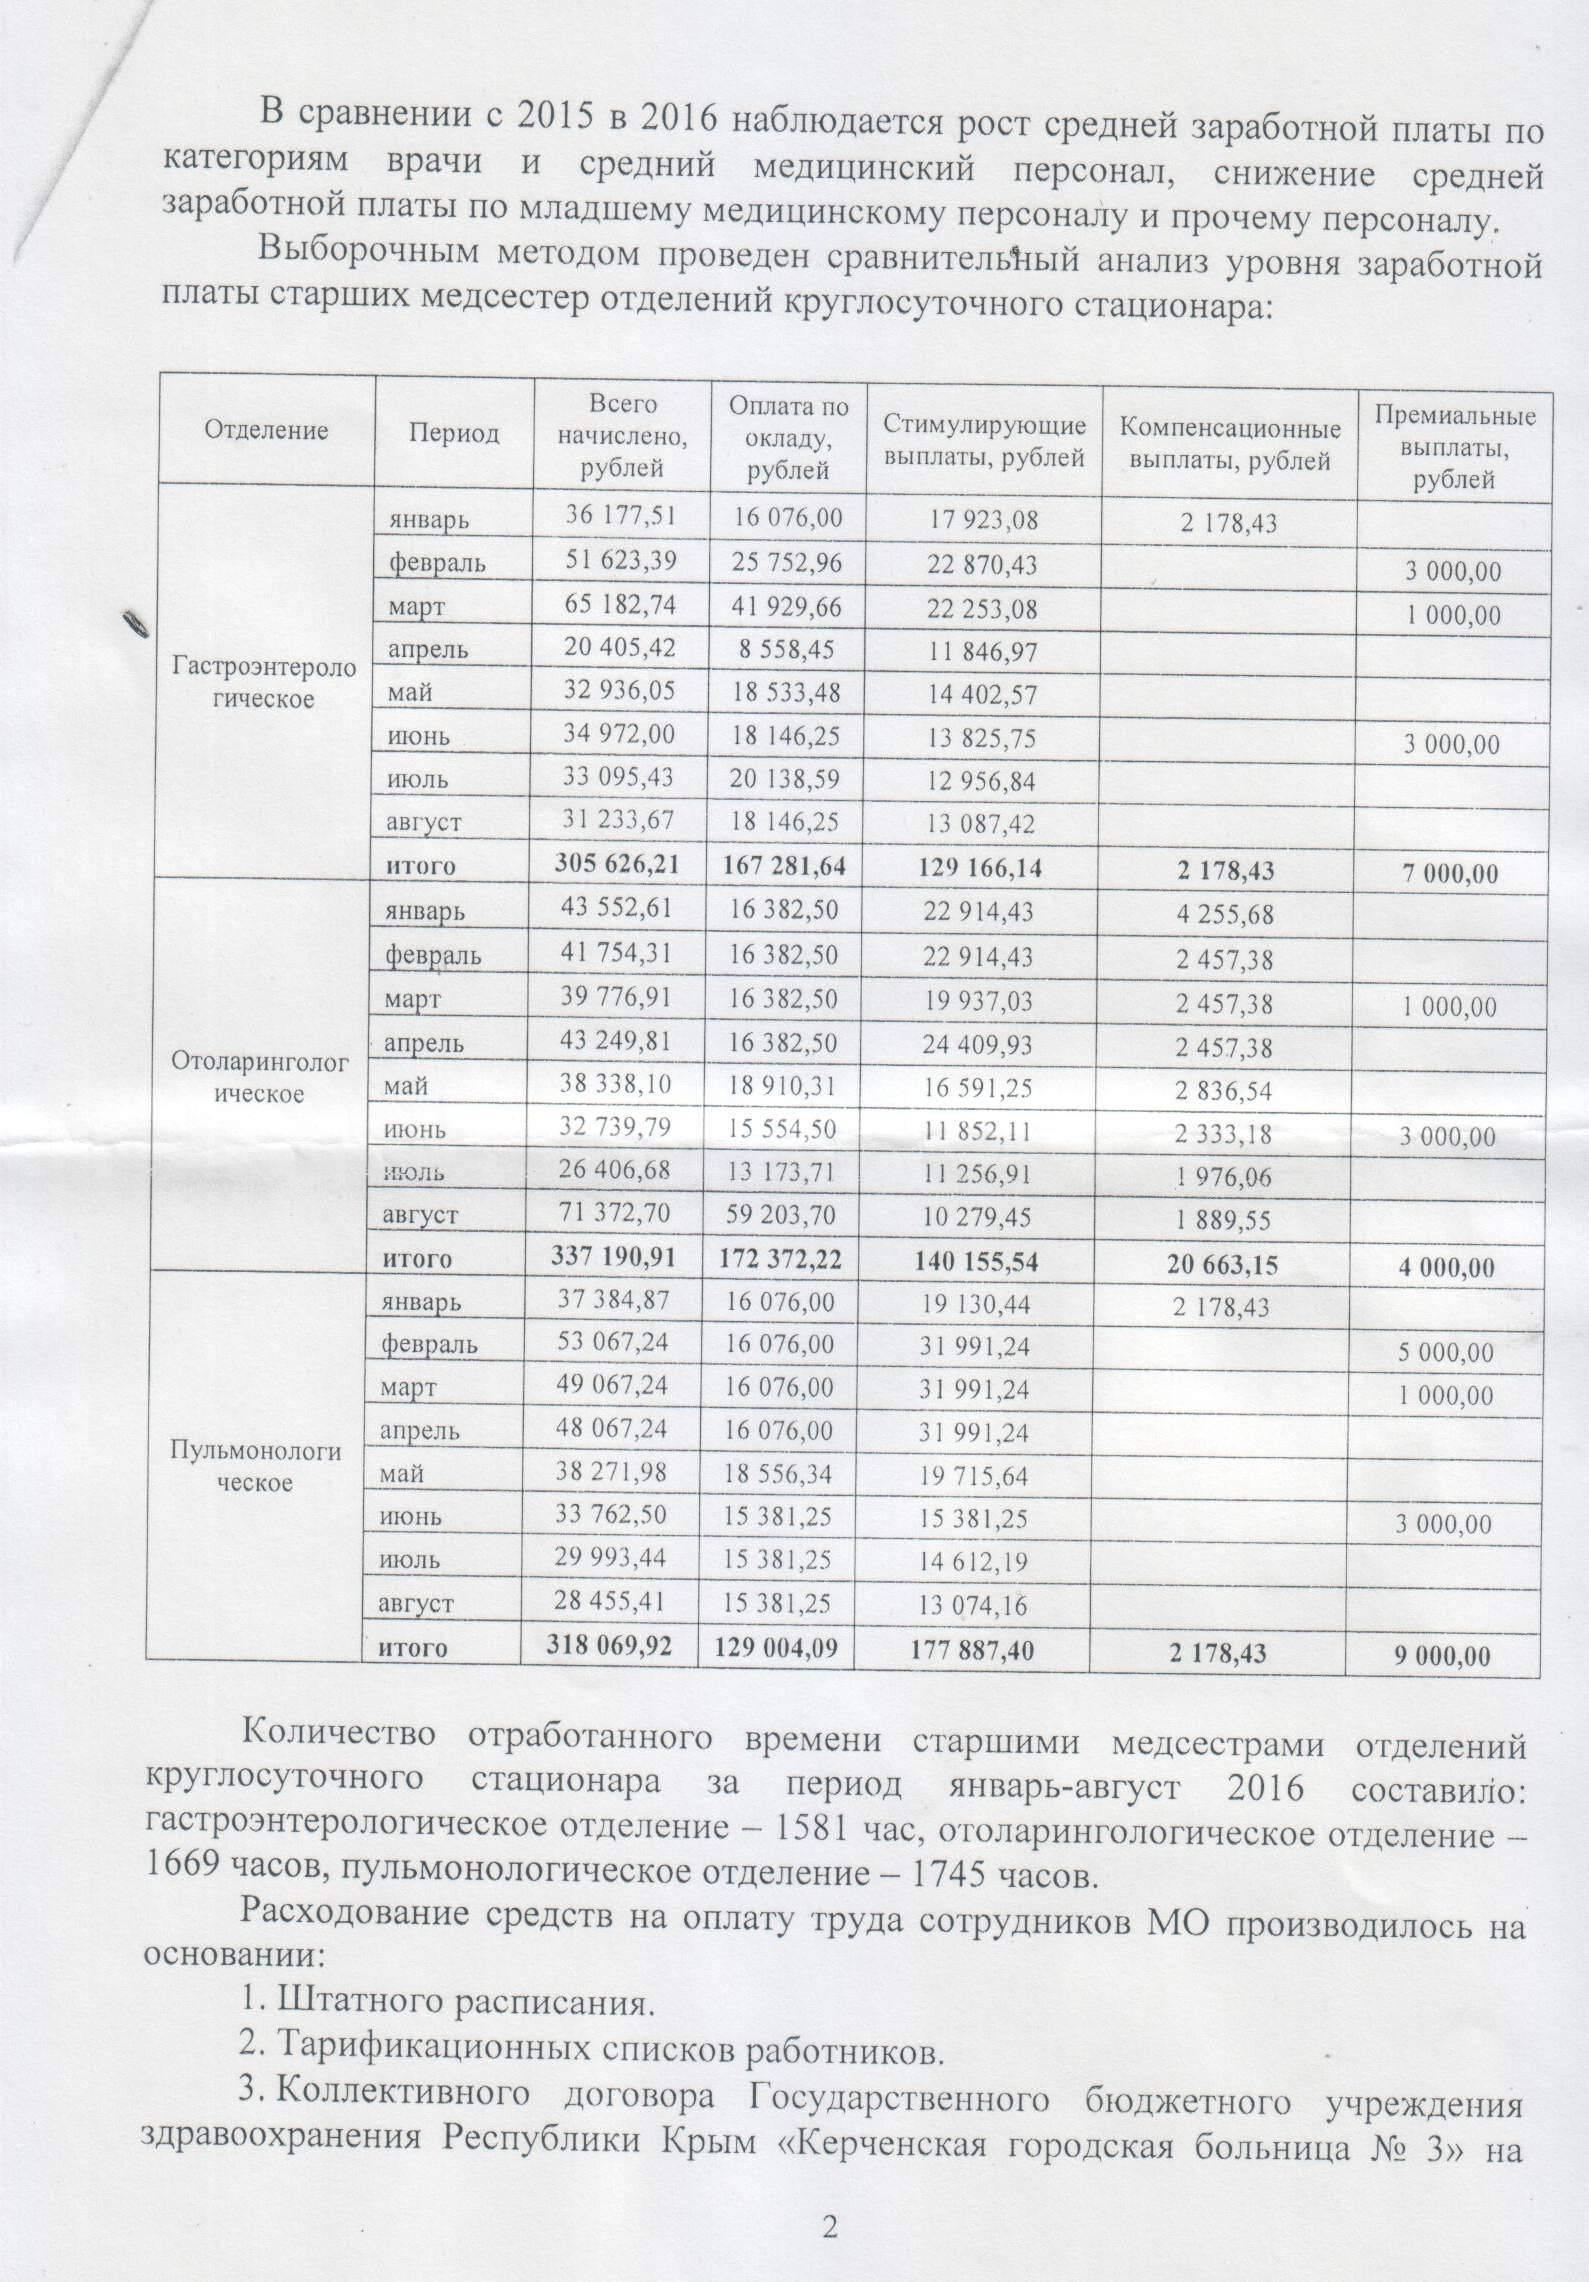 Запись на прием к врачу в красногорской женской консультации